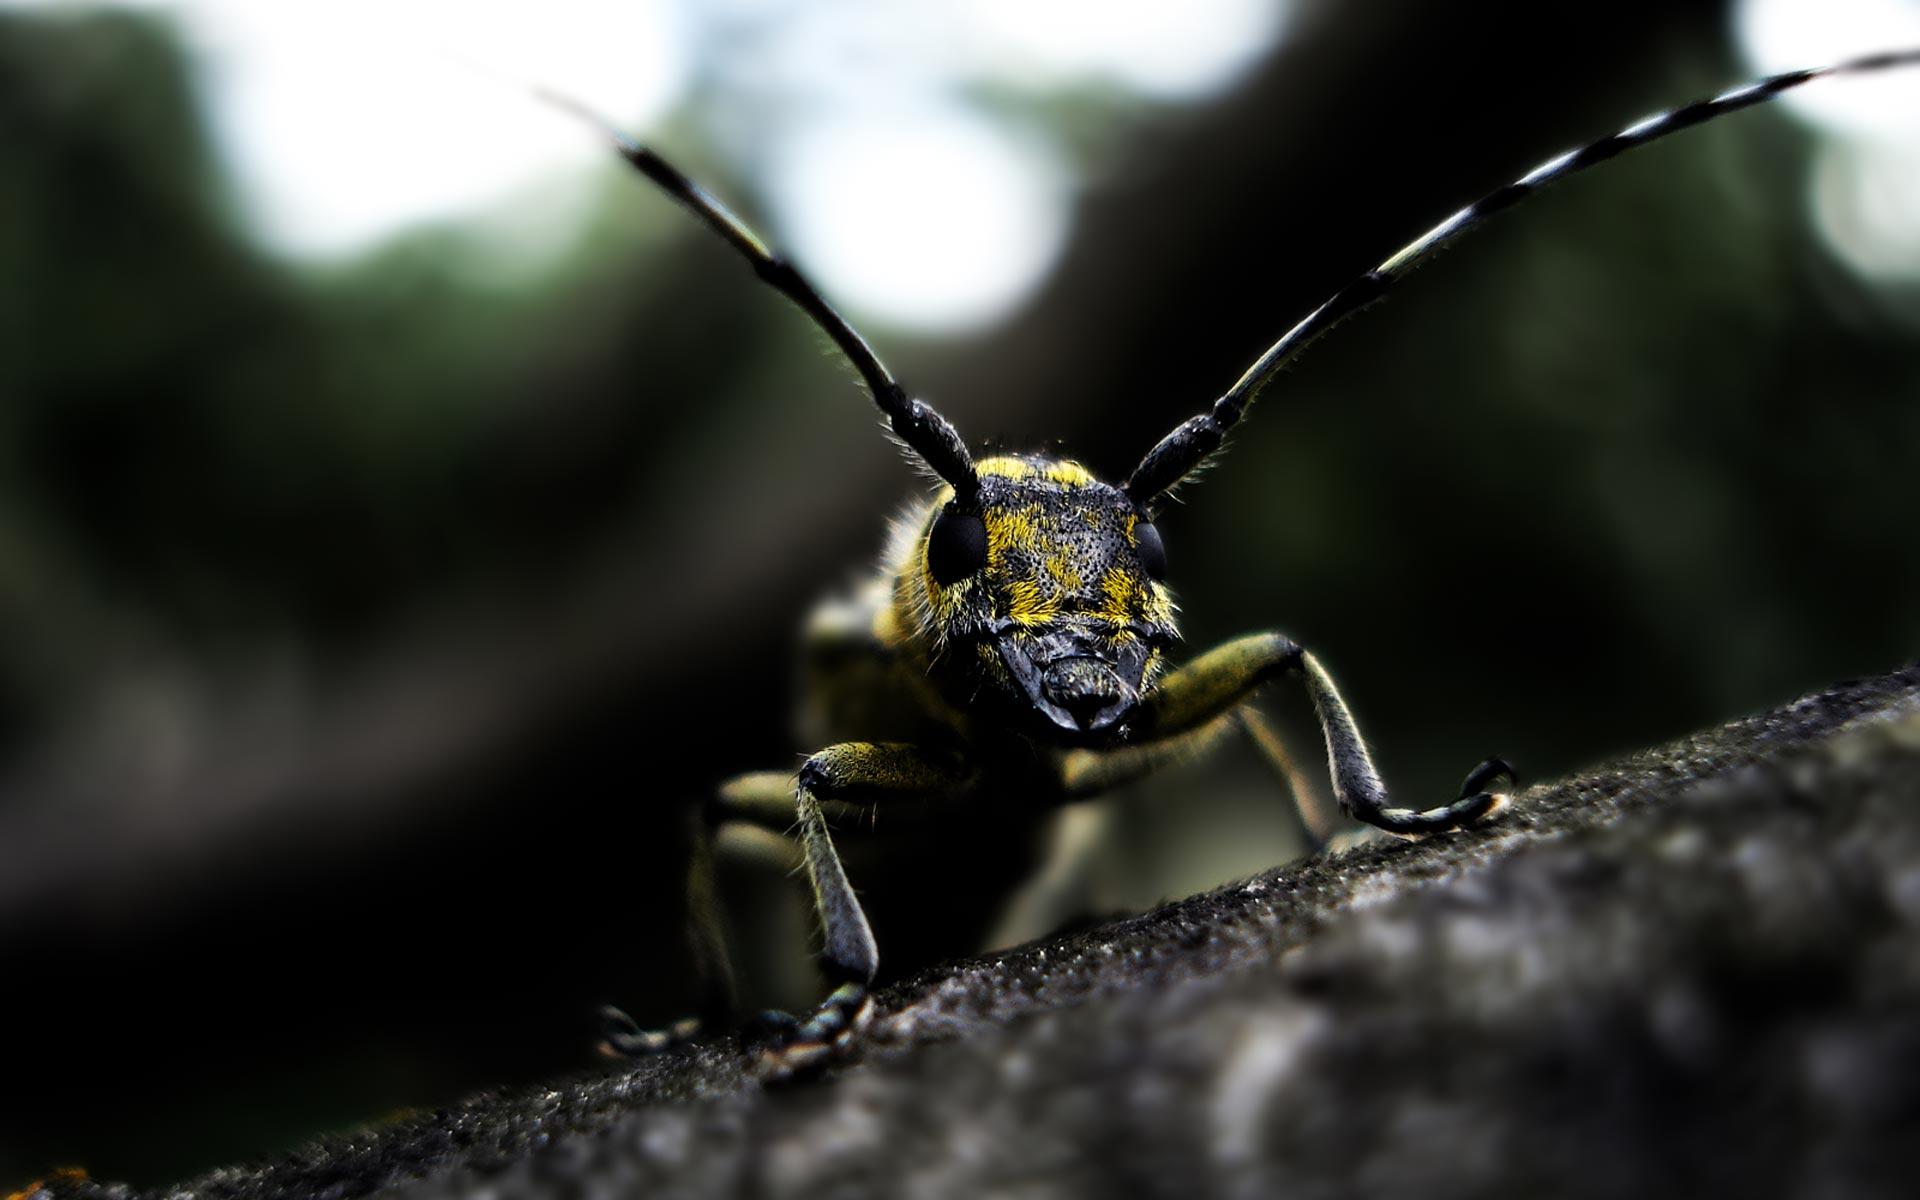 wallpaper insects - HD Desktop Wallpapers | 4k HD